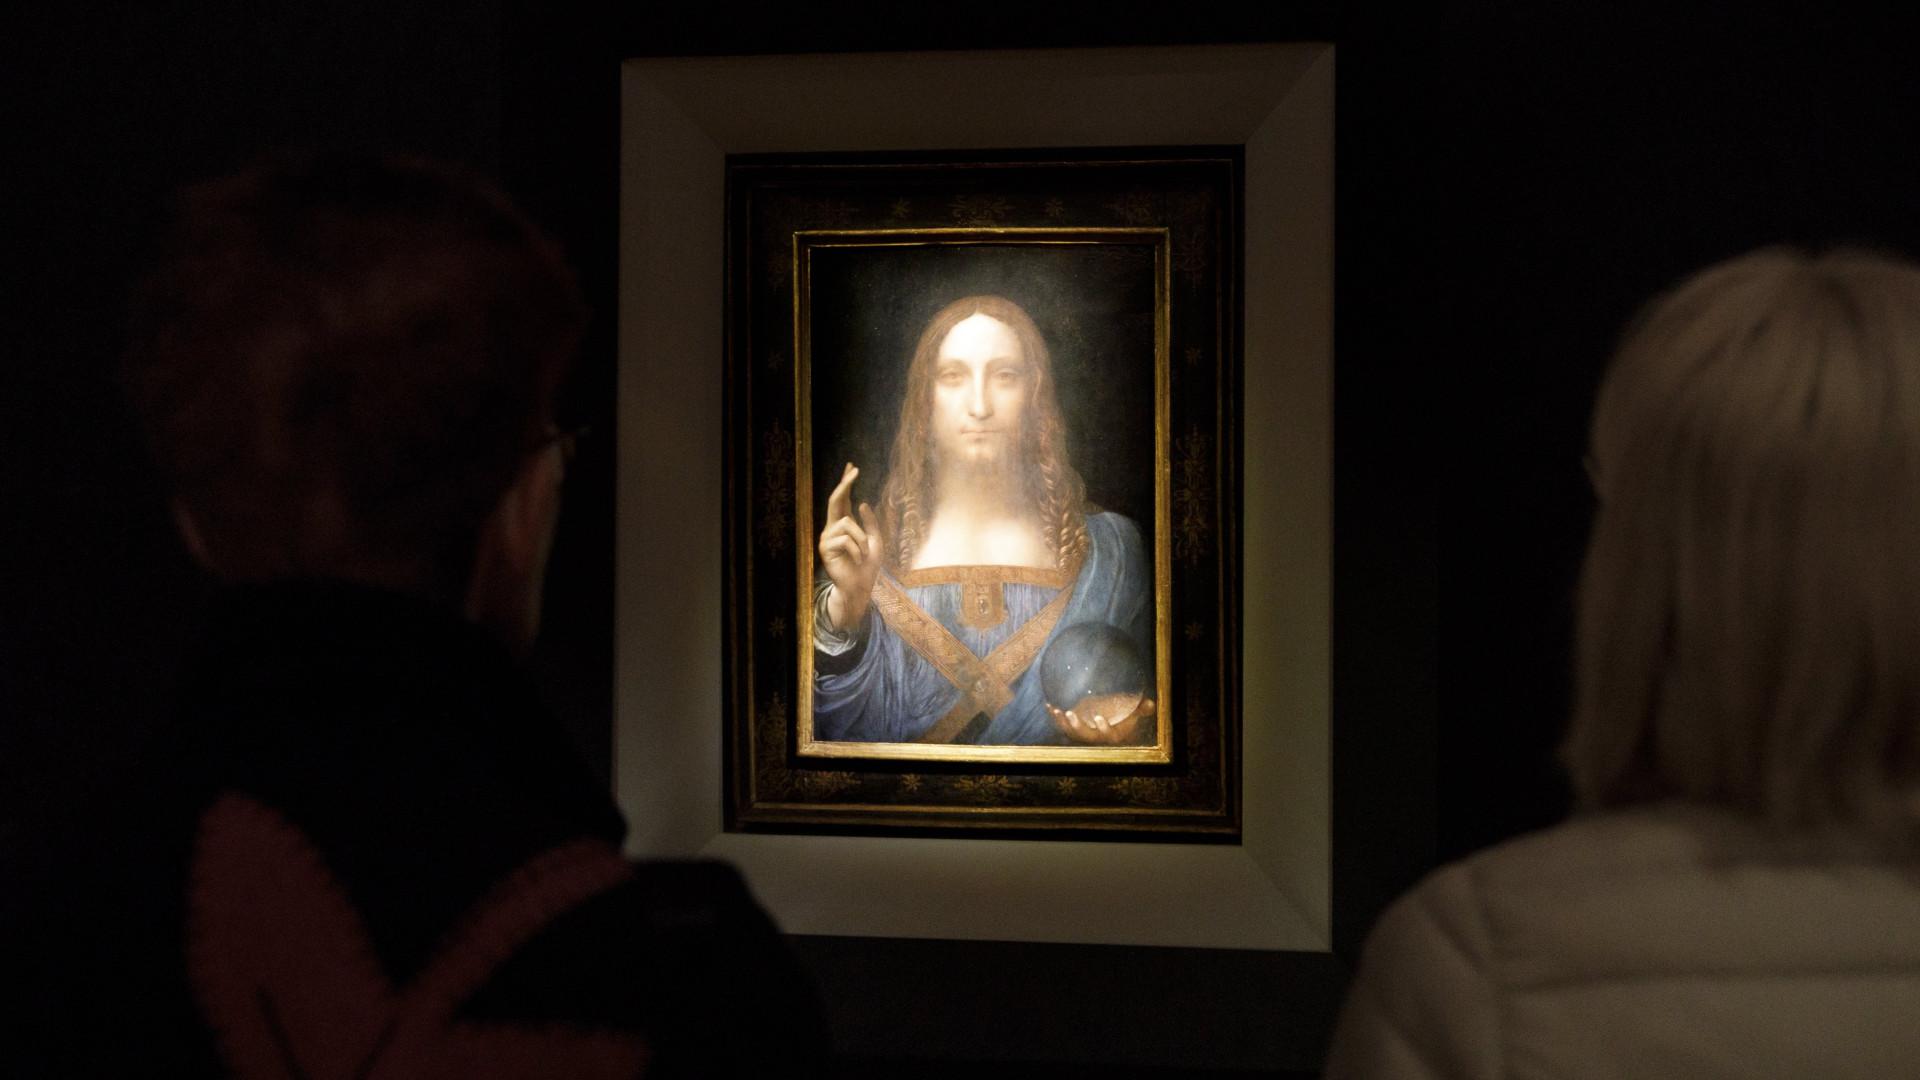 Quadro de Da Vinci vendido por valor recorde vai para museu em Abu Dhabi